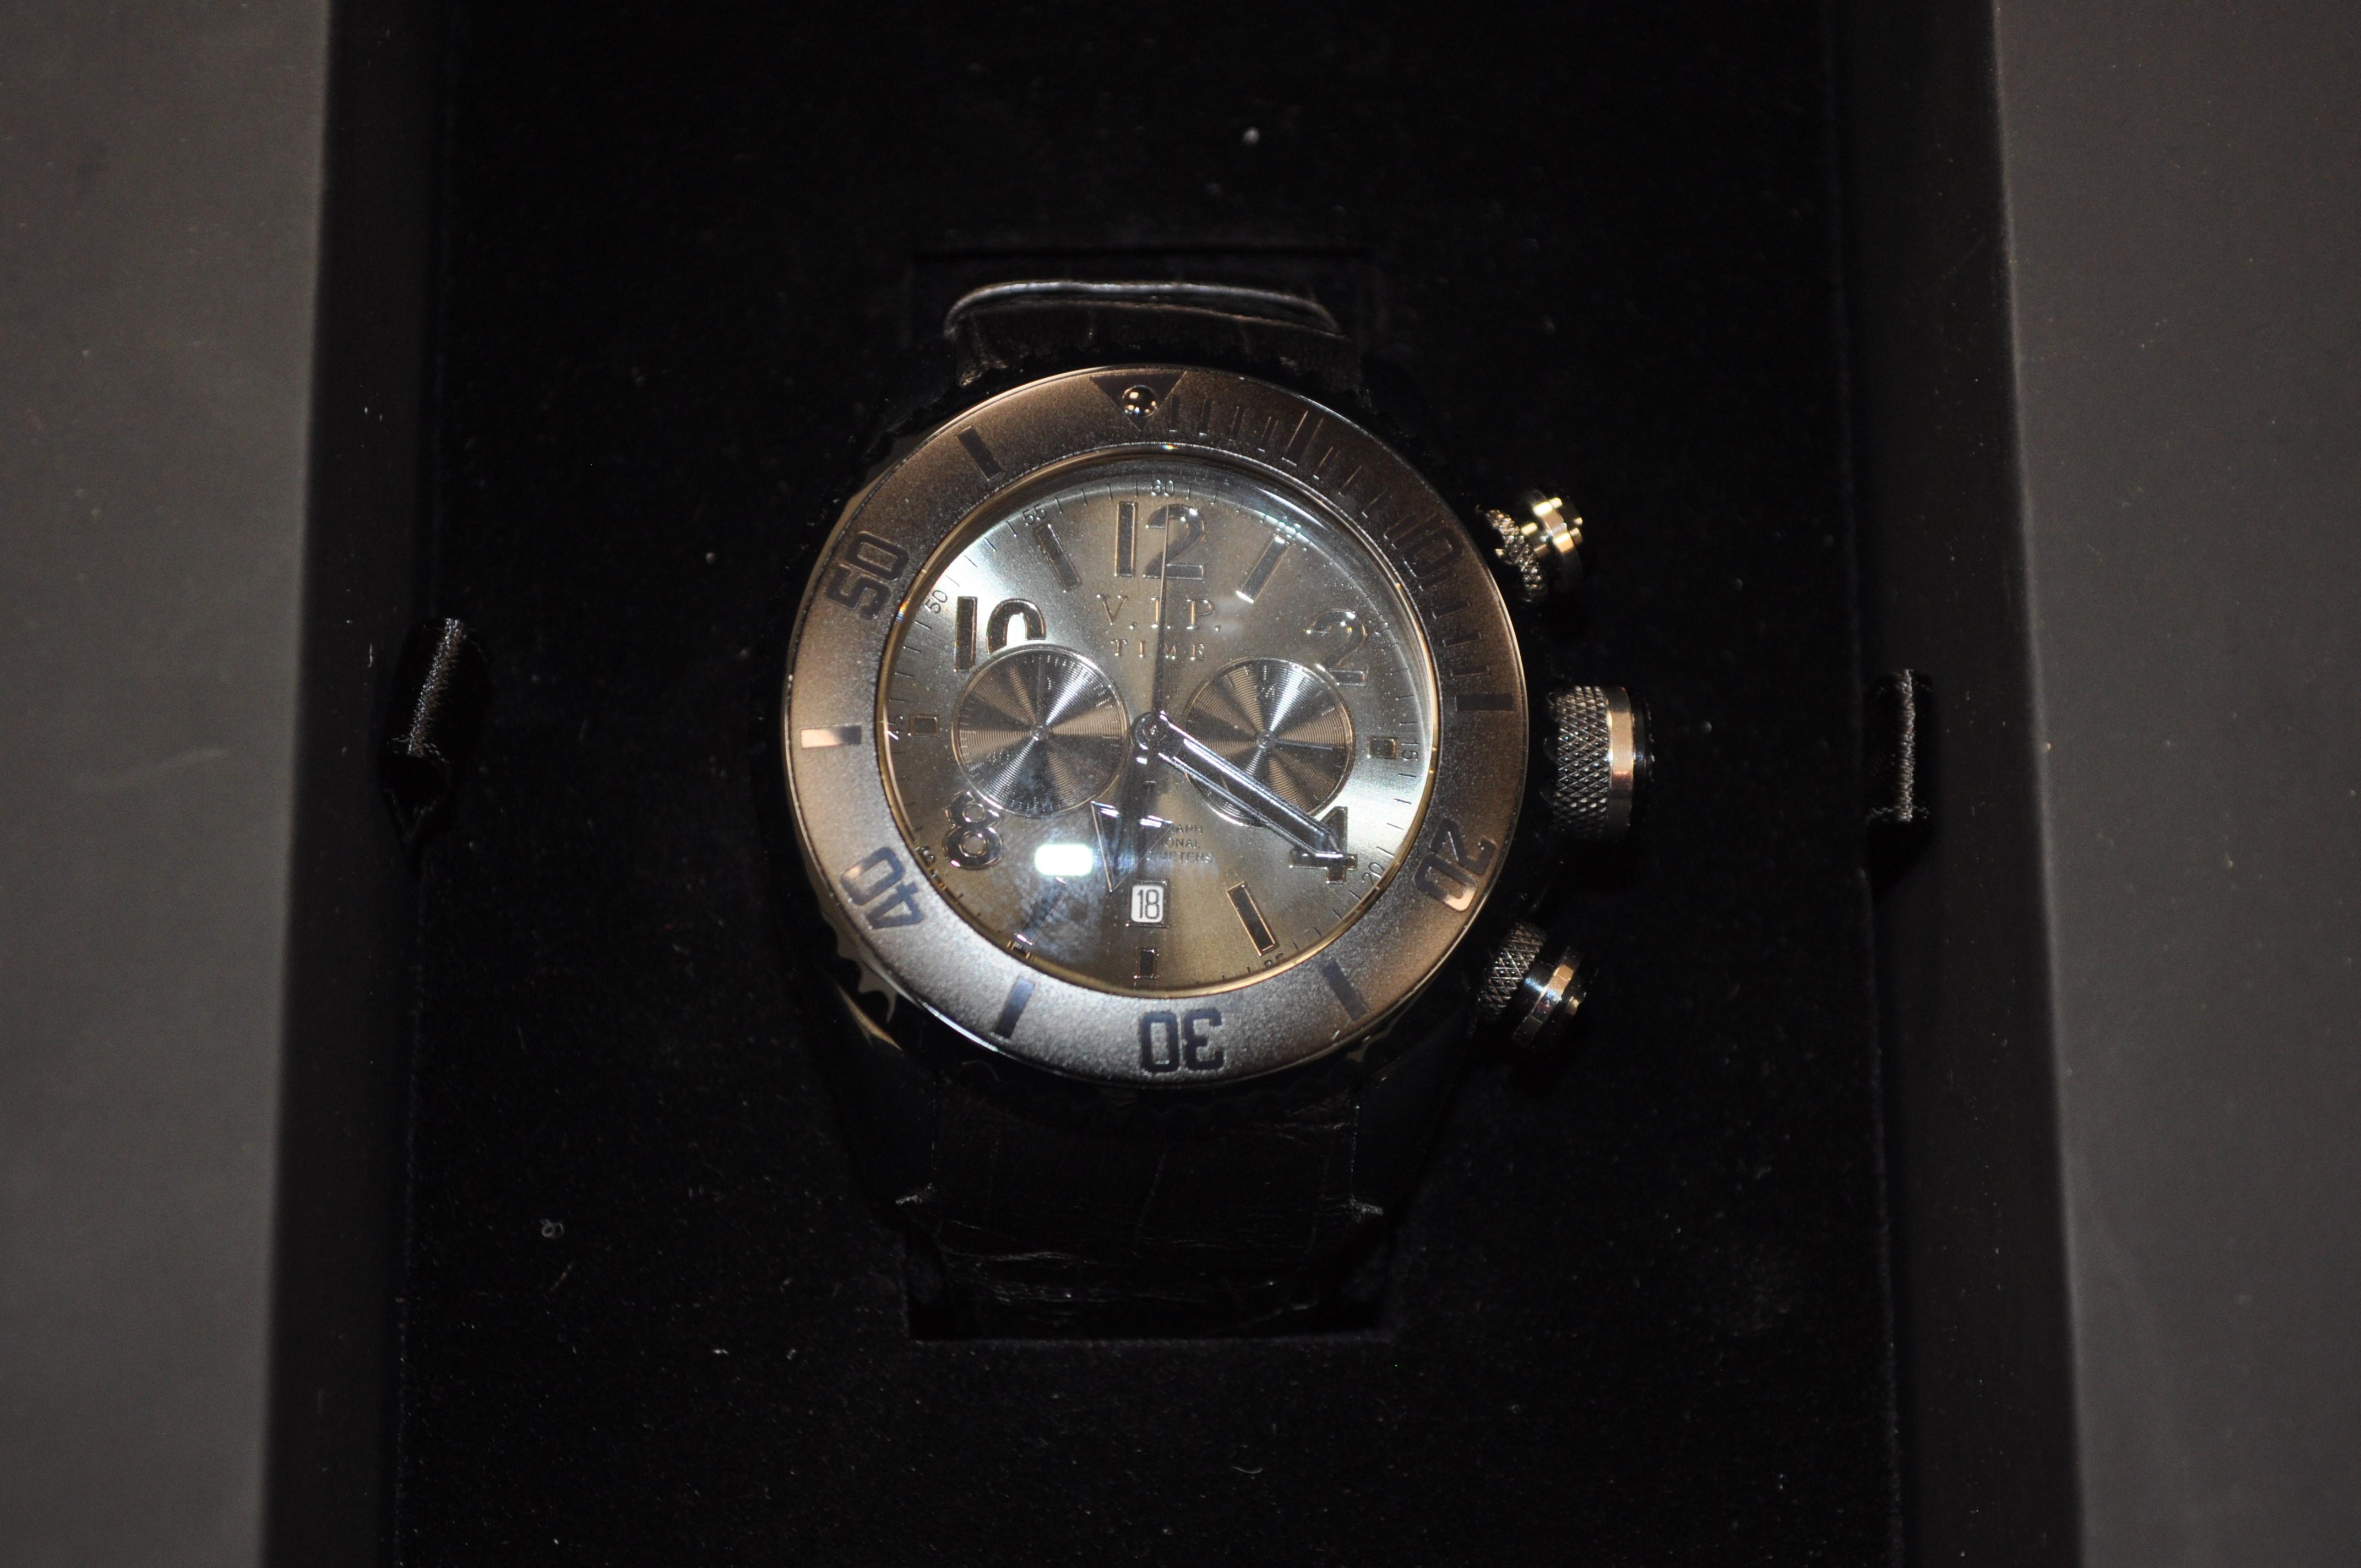 32c5289692d Início   Relógios   Vip Time   VIP TIME MODELO 15043